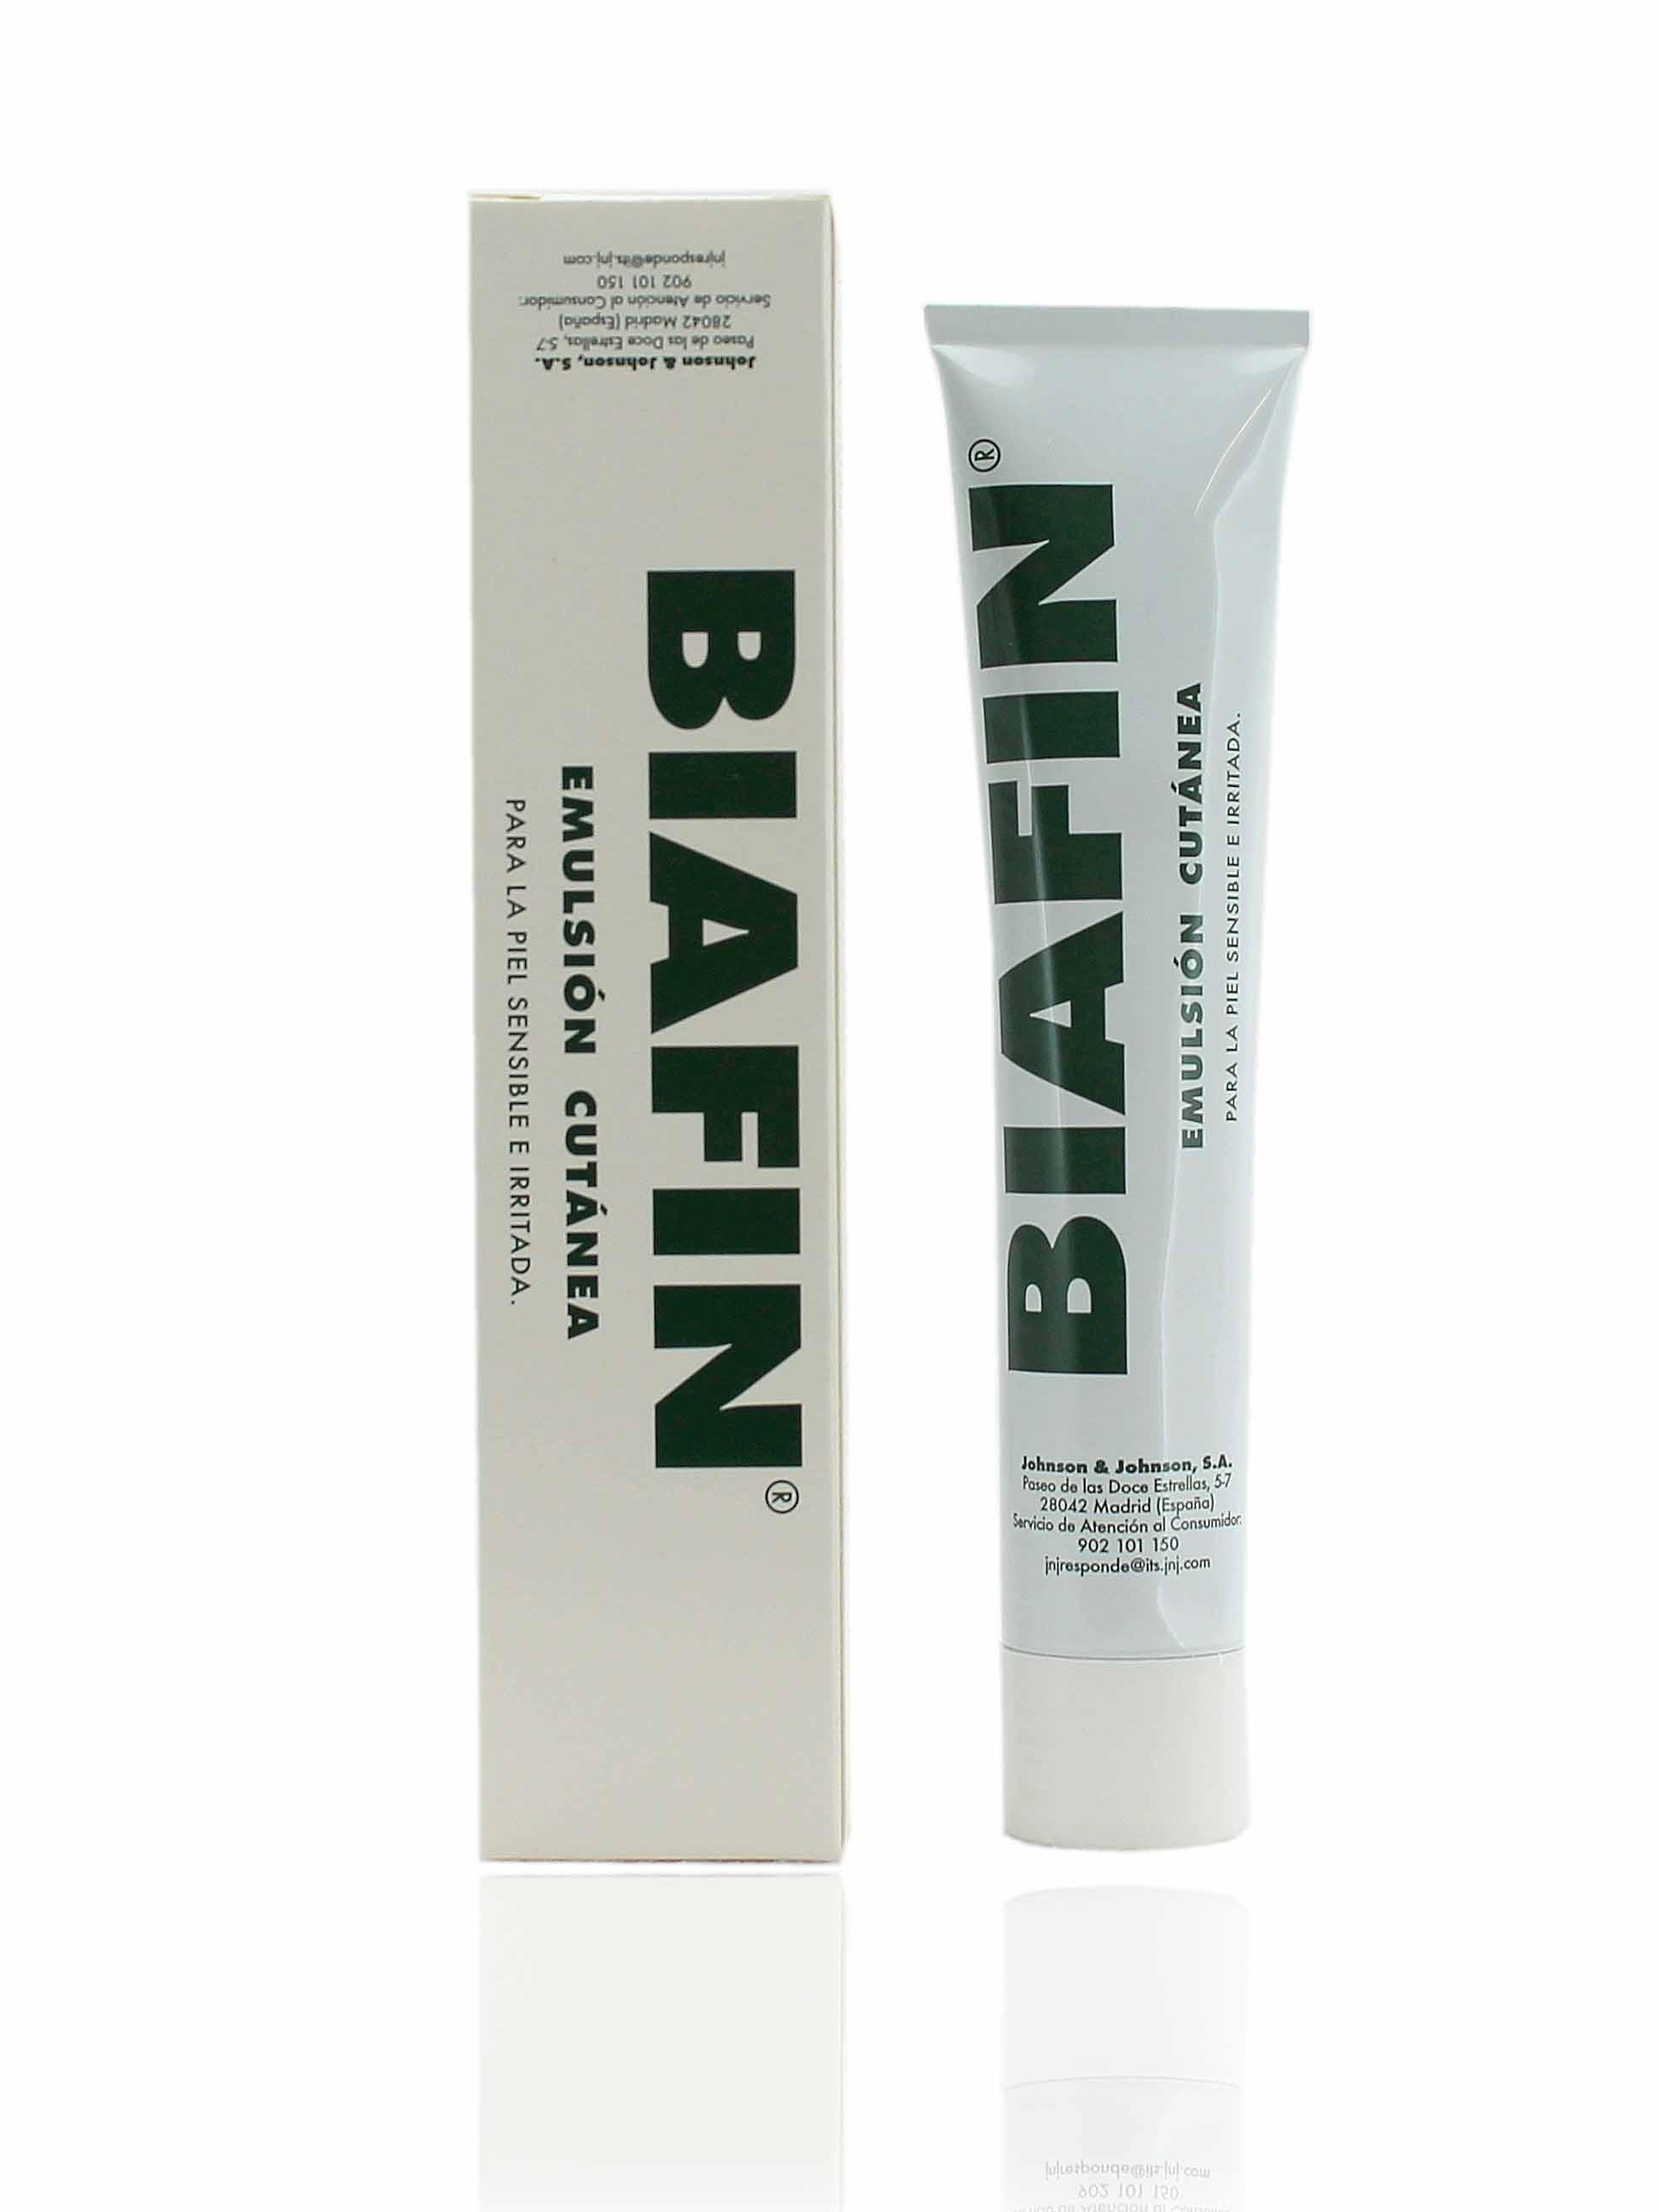 Emulsión cutánea para piel sensible e irritada de Biafin